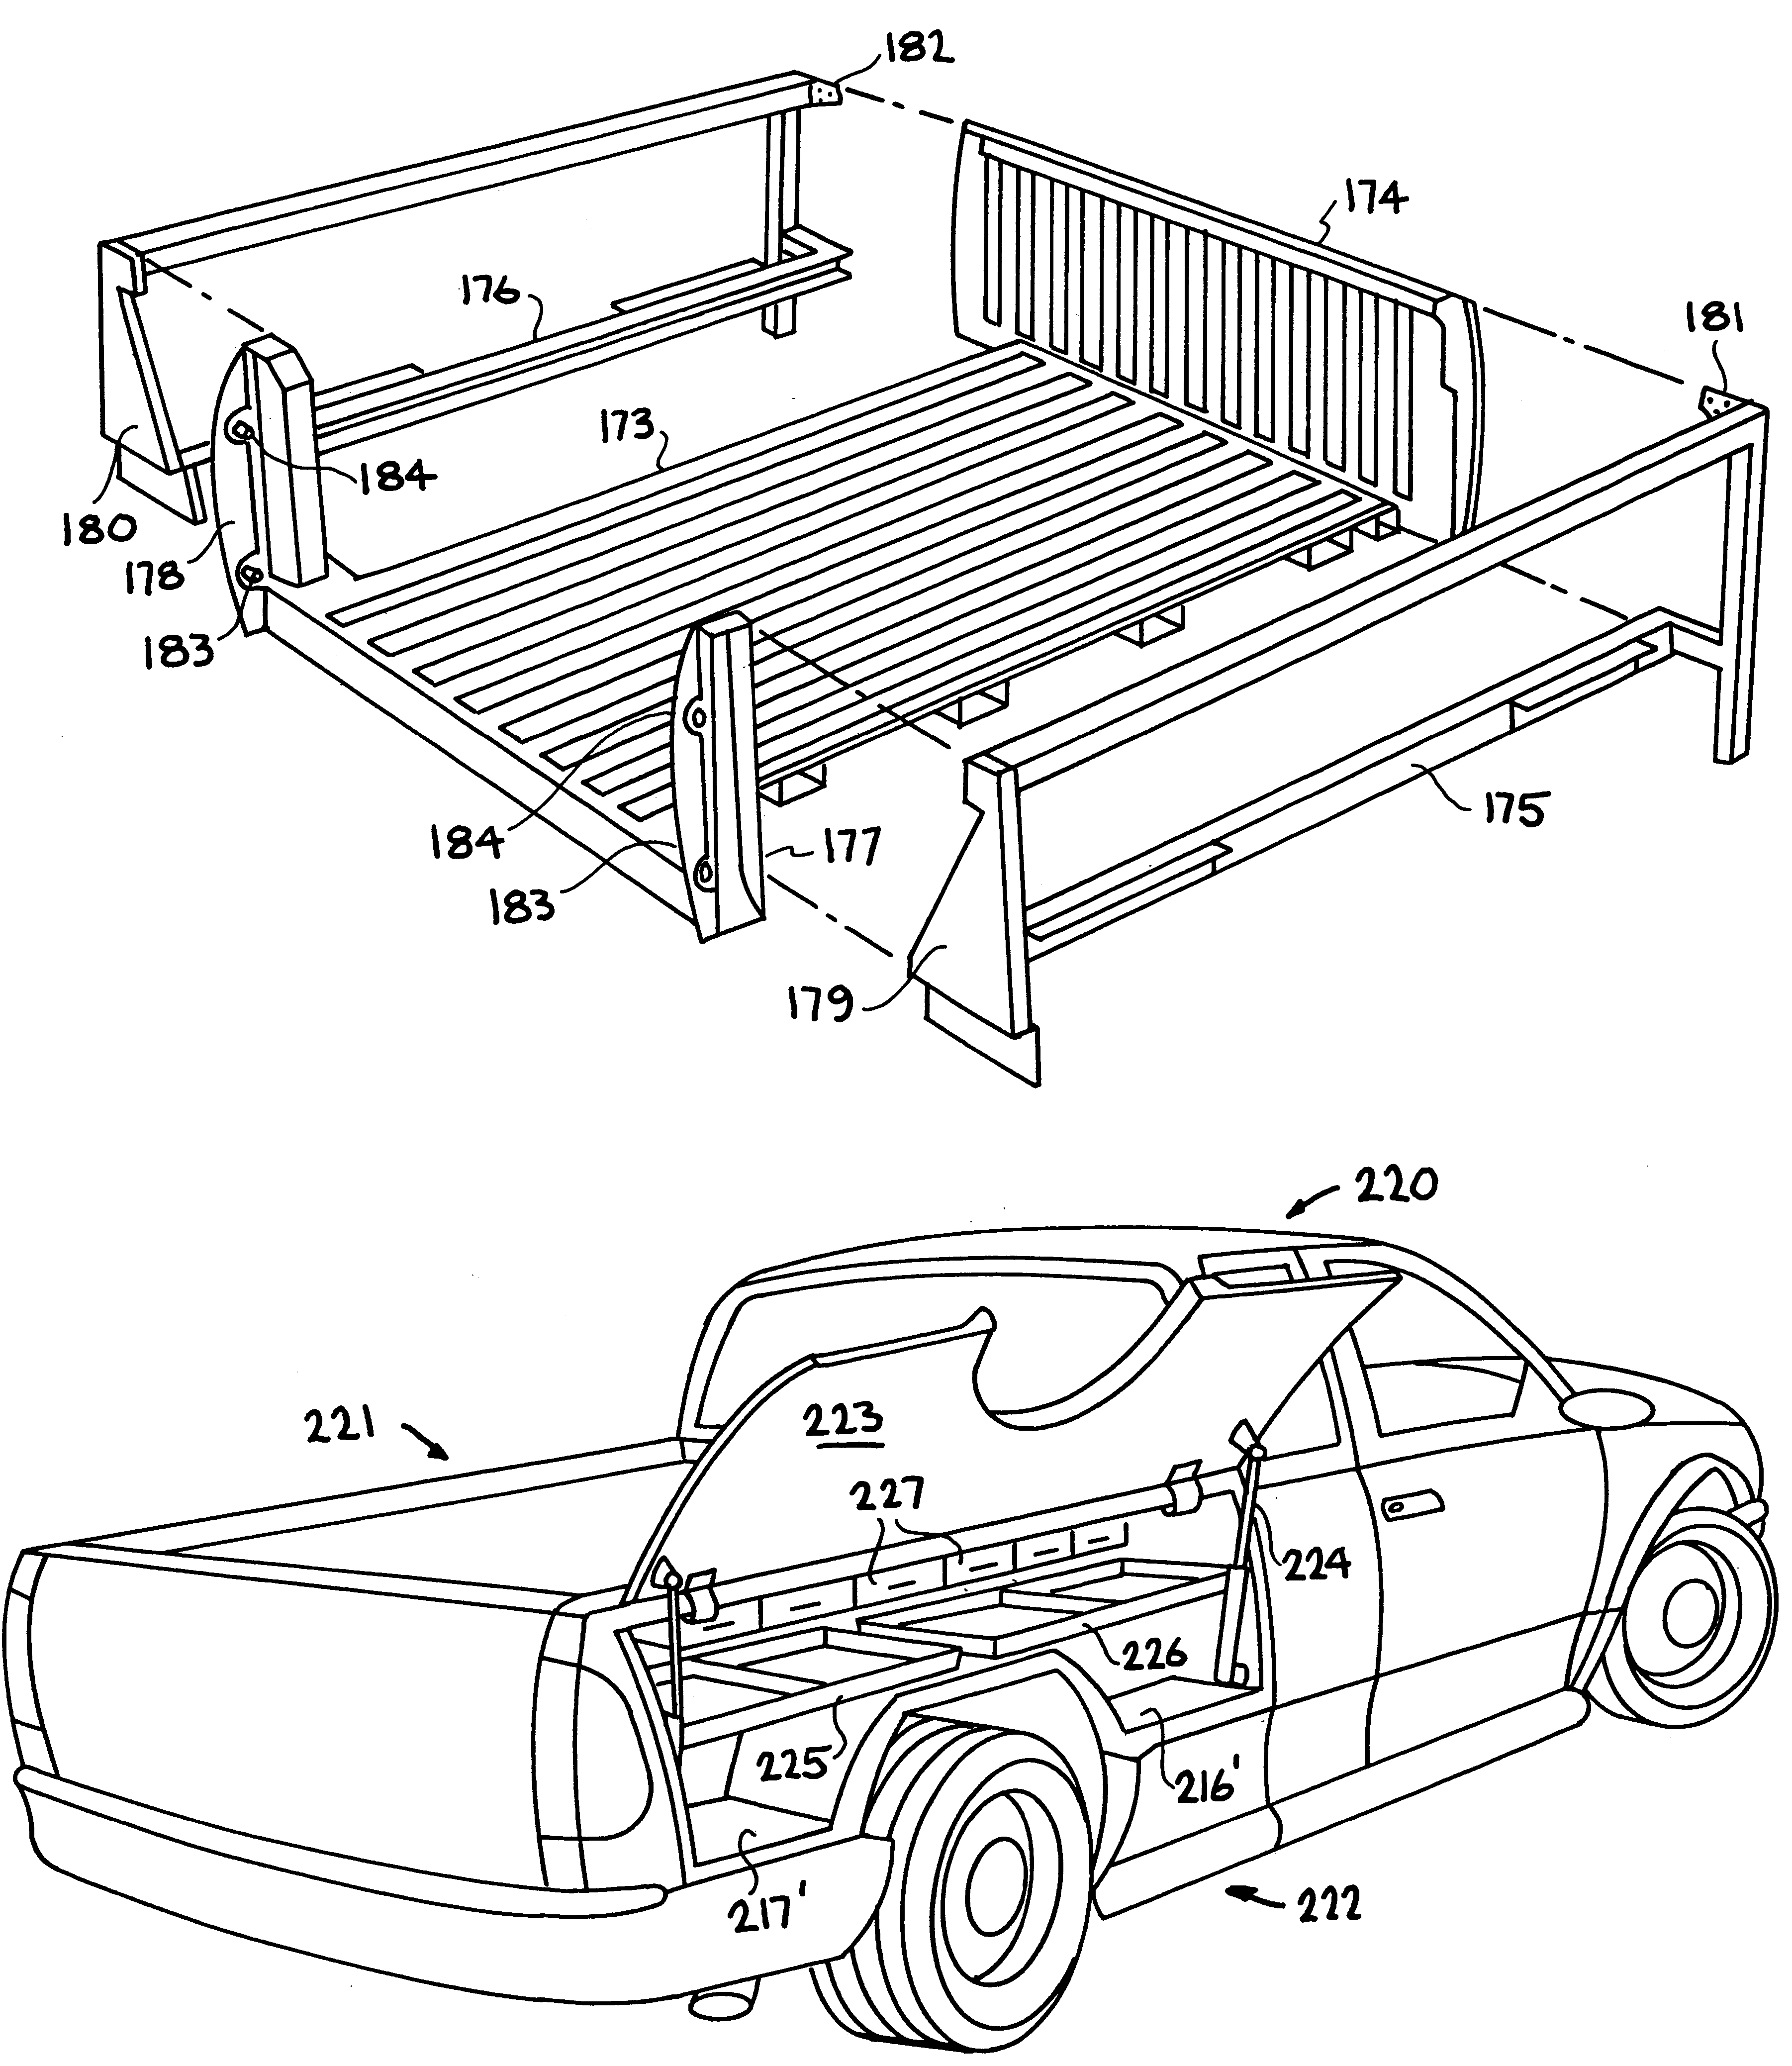 2014 Dodge Ram 7 Pin Trailer Wiring Diagram Html